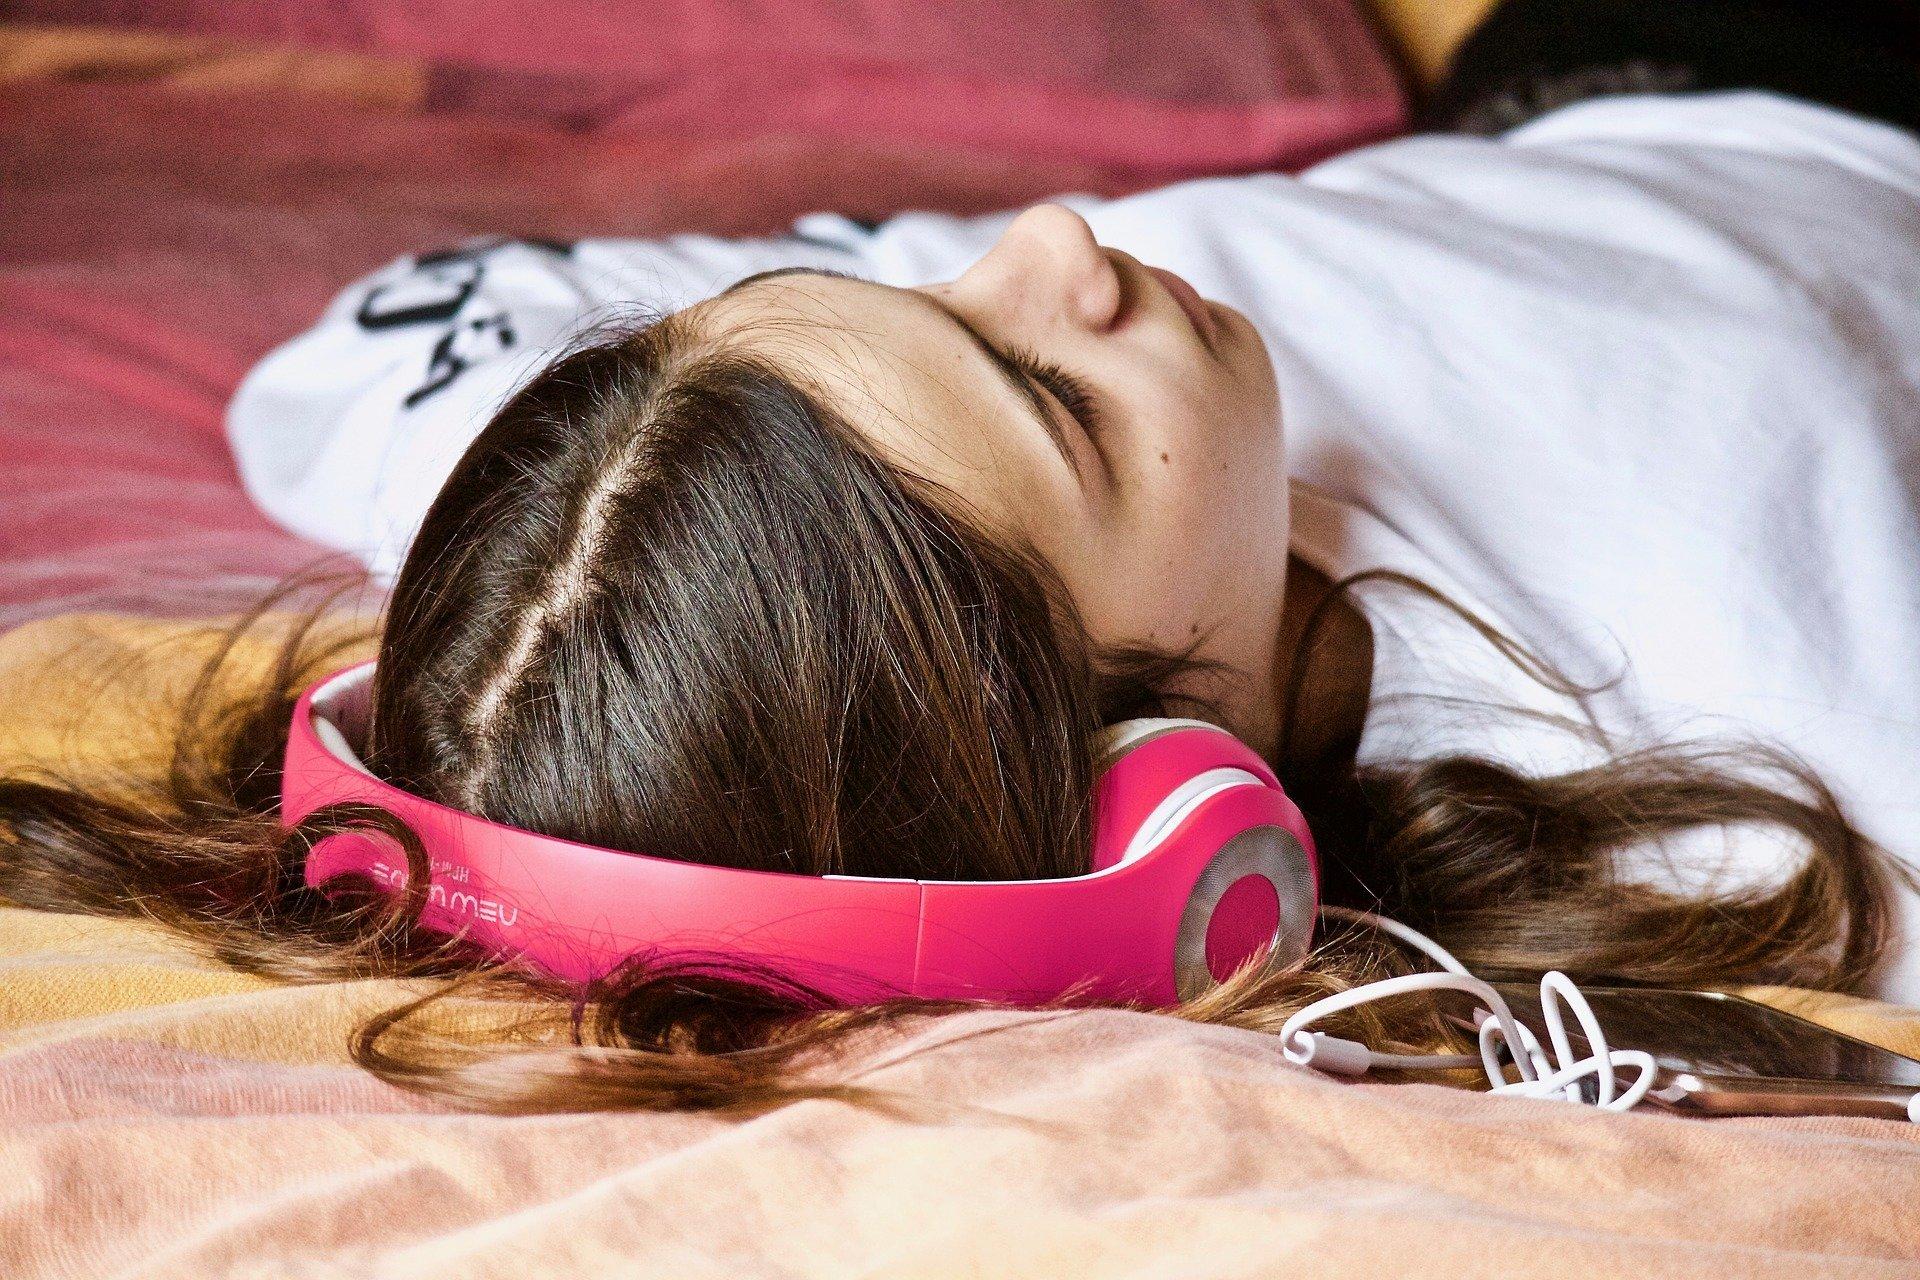 Durch den Einsatz von Technologie erklärt höchstens 0,4 Prozent der Jugendlichen das Wohlbefinden, neue Studie findet